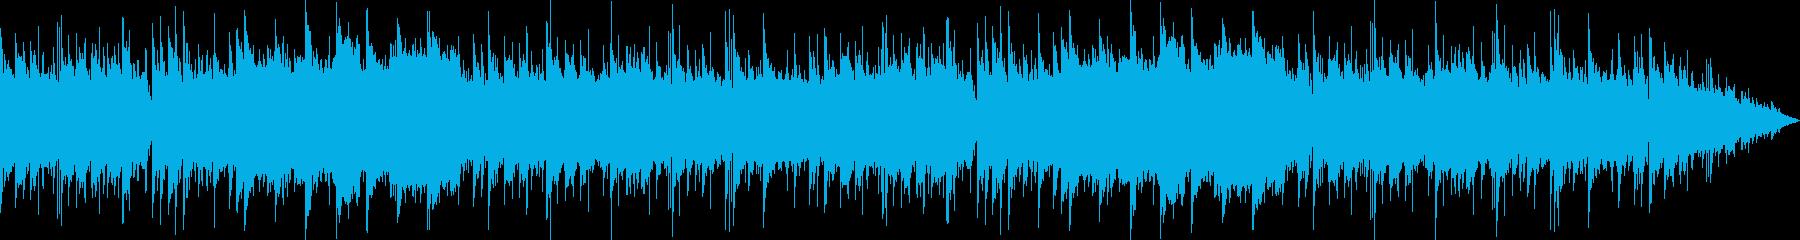 琴のメロディーが美しい和風サウンドの再生済みの波形